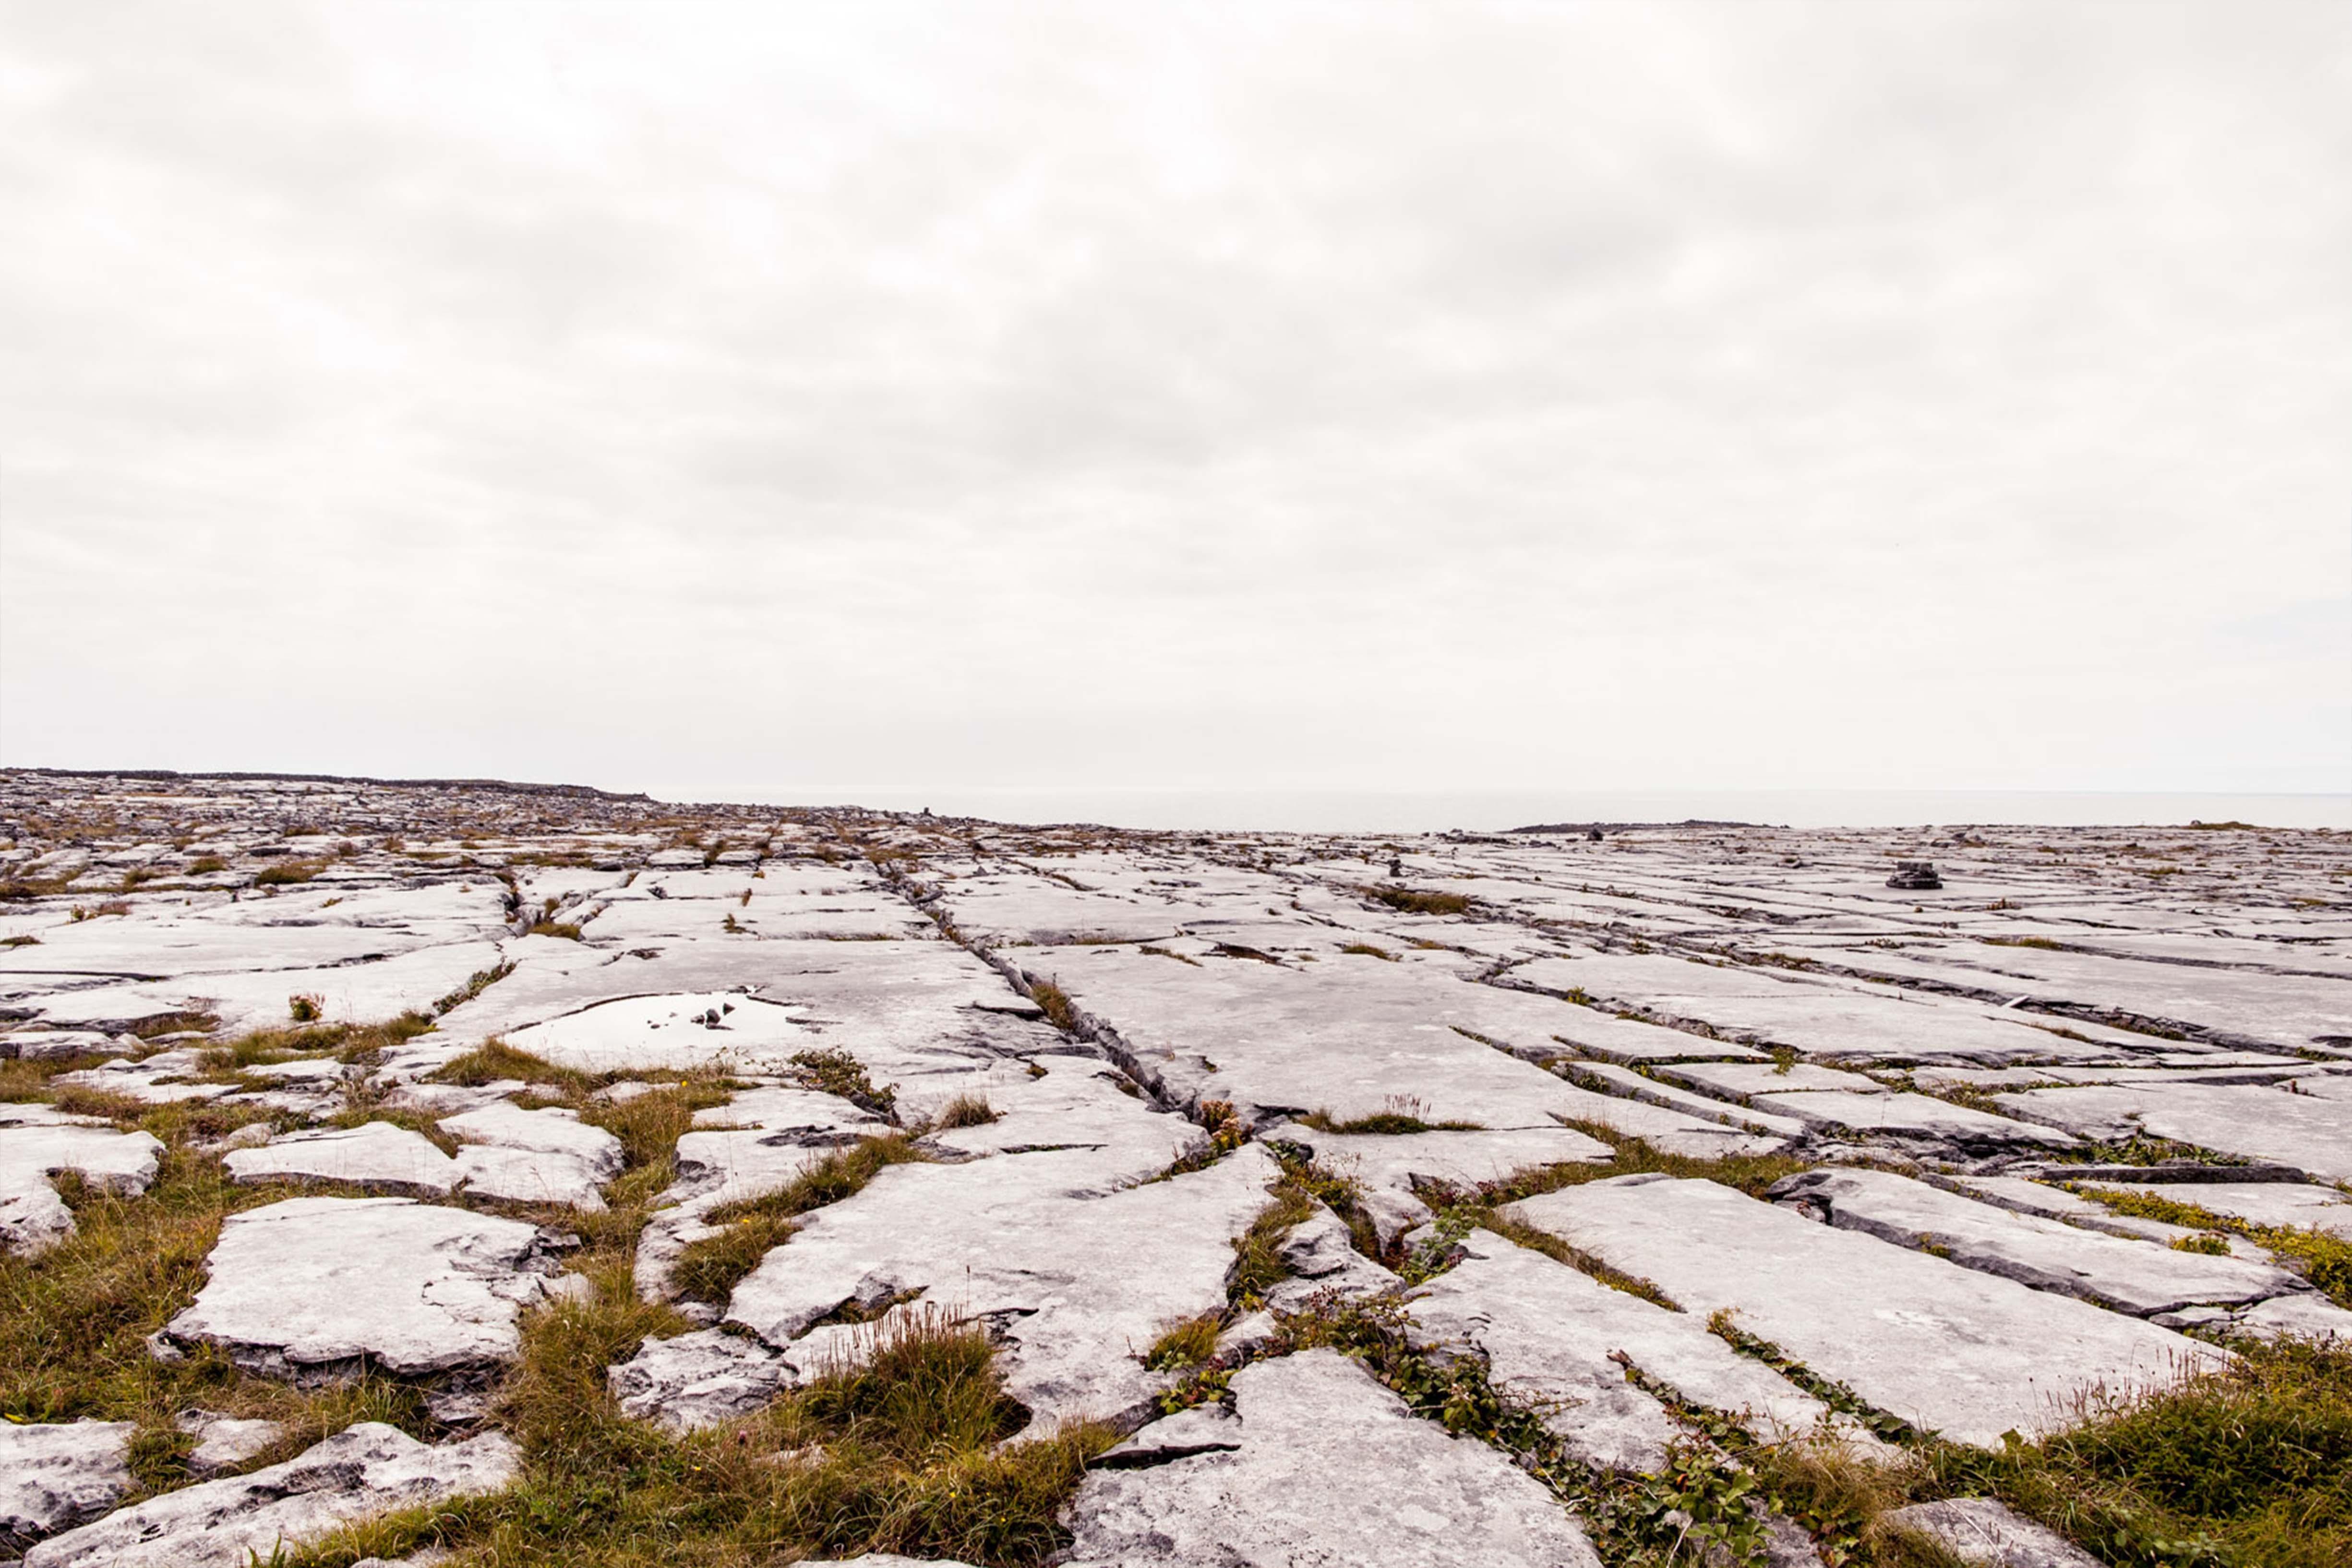 Aran Islands - the birthplace of Irish Aran Sweaters